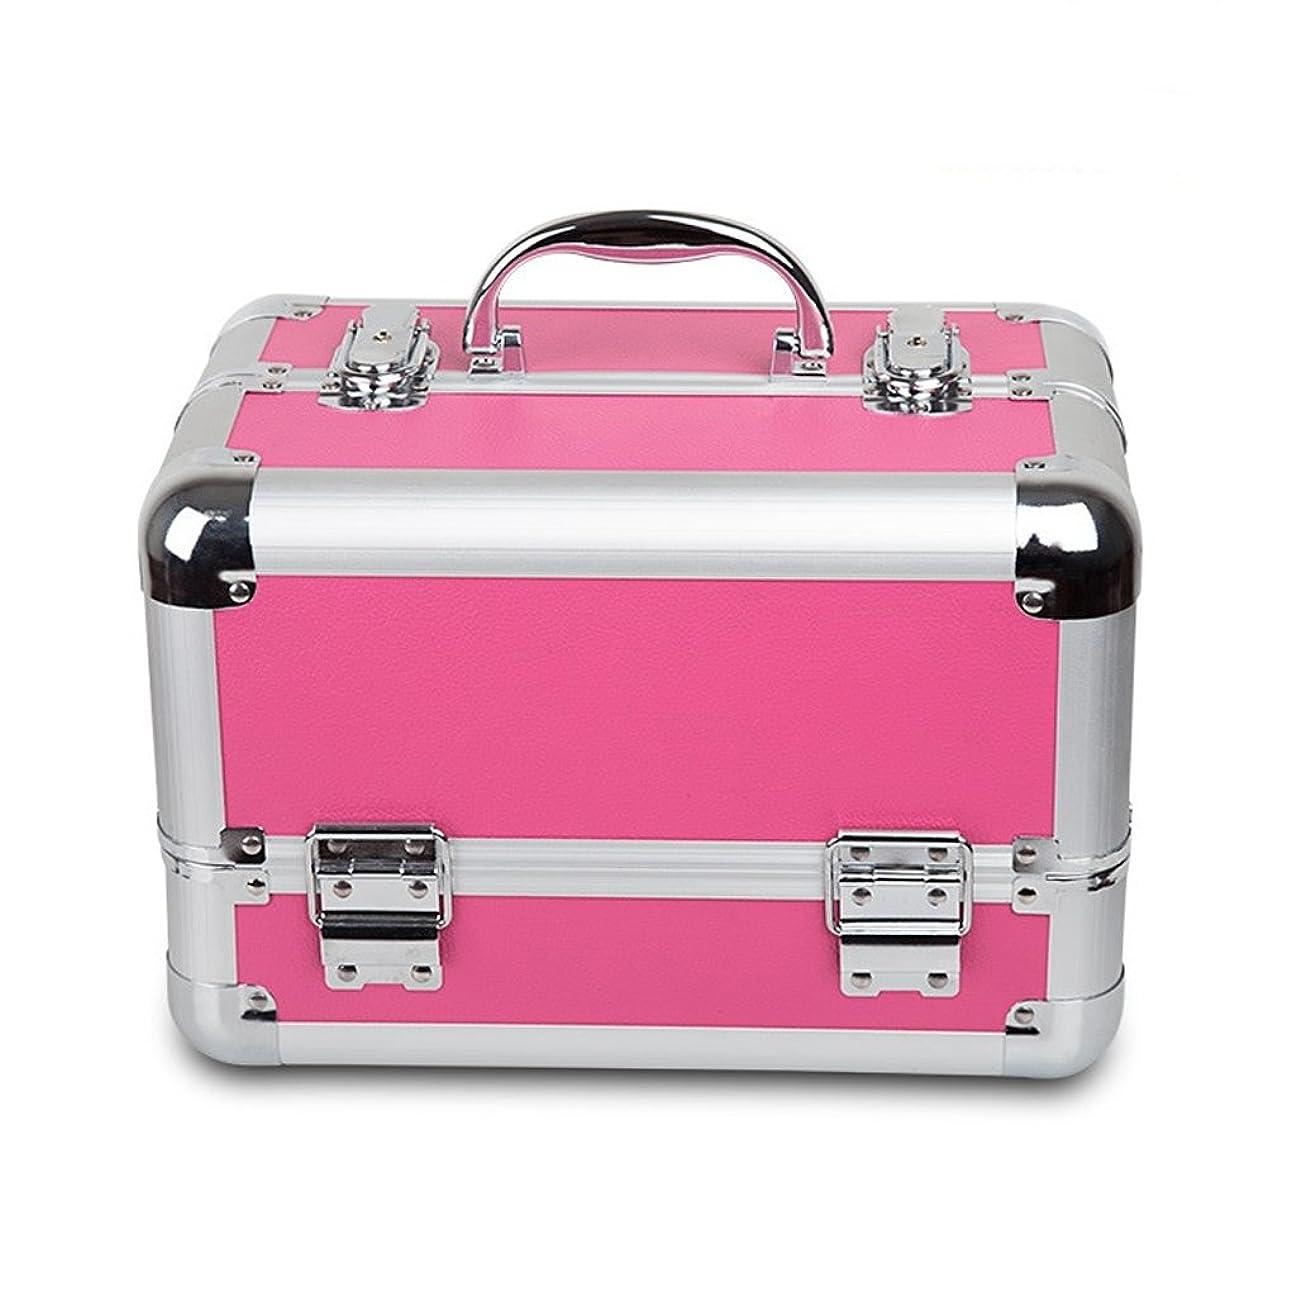 テーブルを設定するベックス交じるプロフェッショナルメイクアップケースラージスペース美容化粧ケースネイルジュエリー収納ボックス(クロコダイルパターン、ピンク)